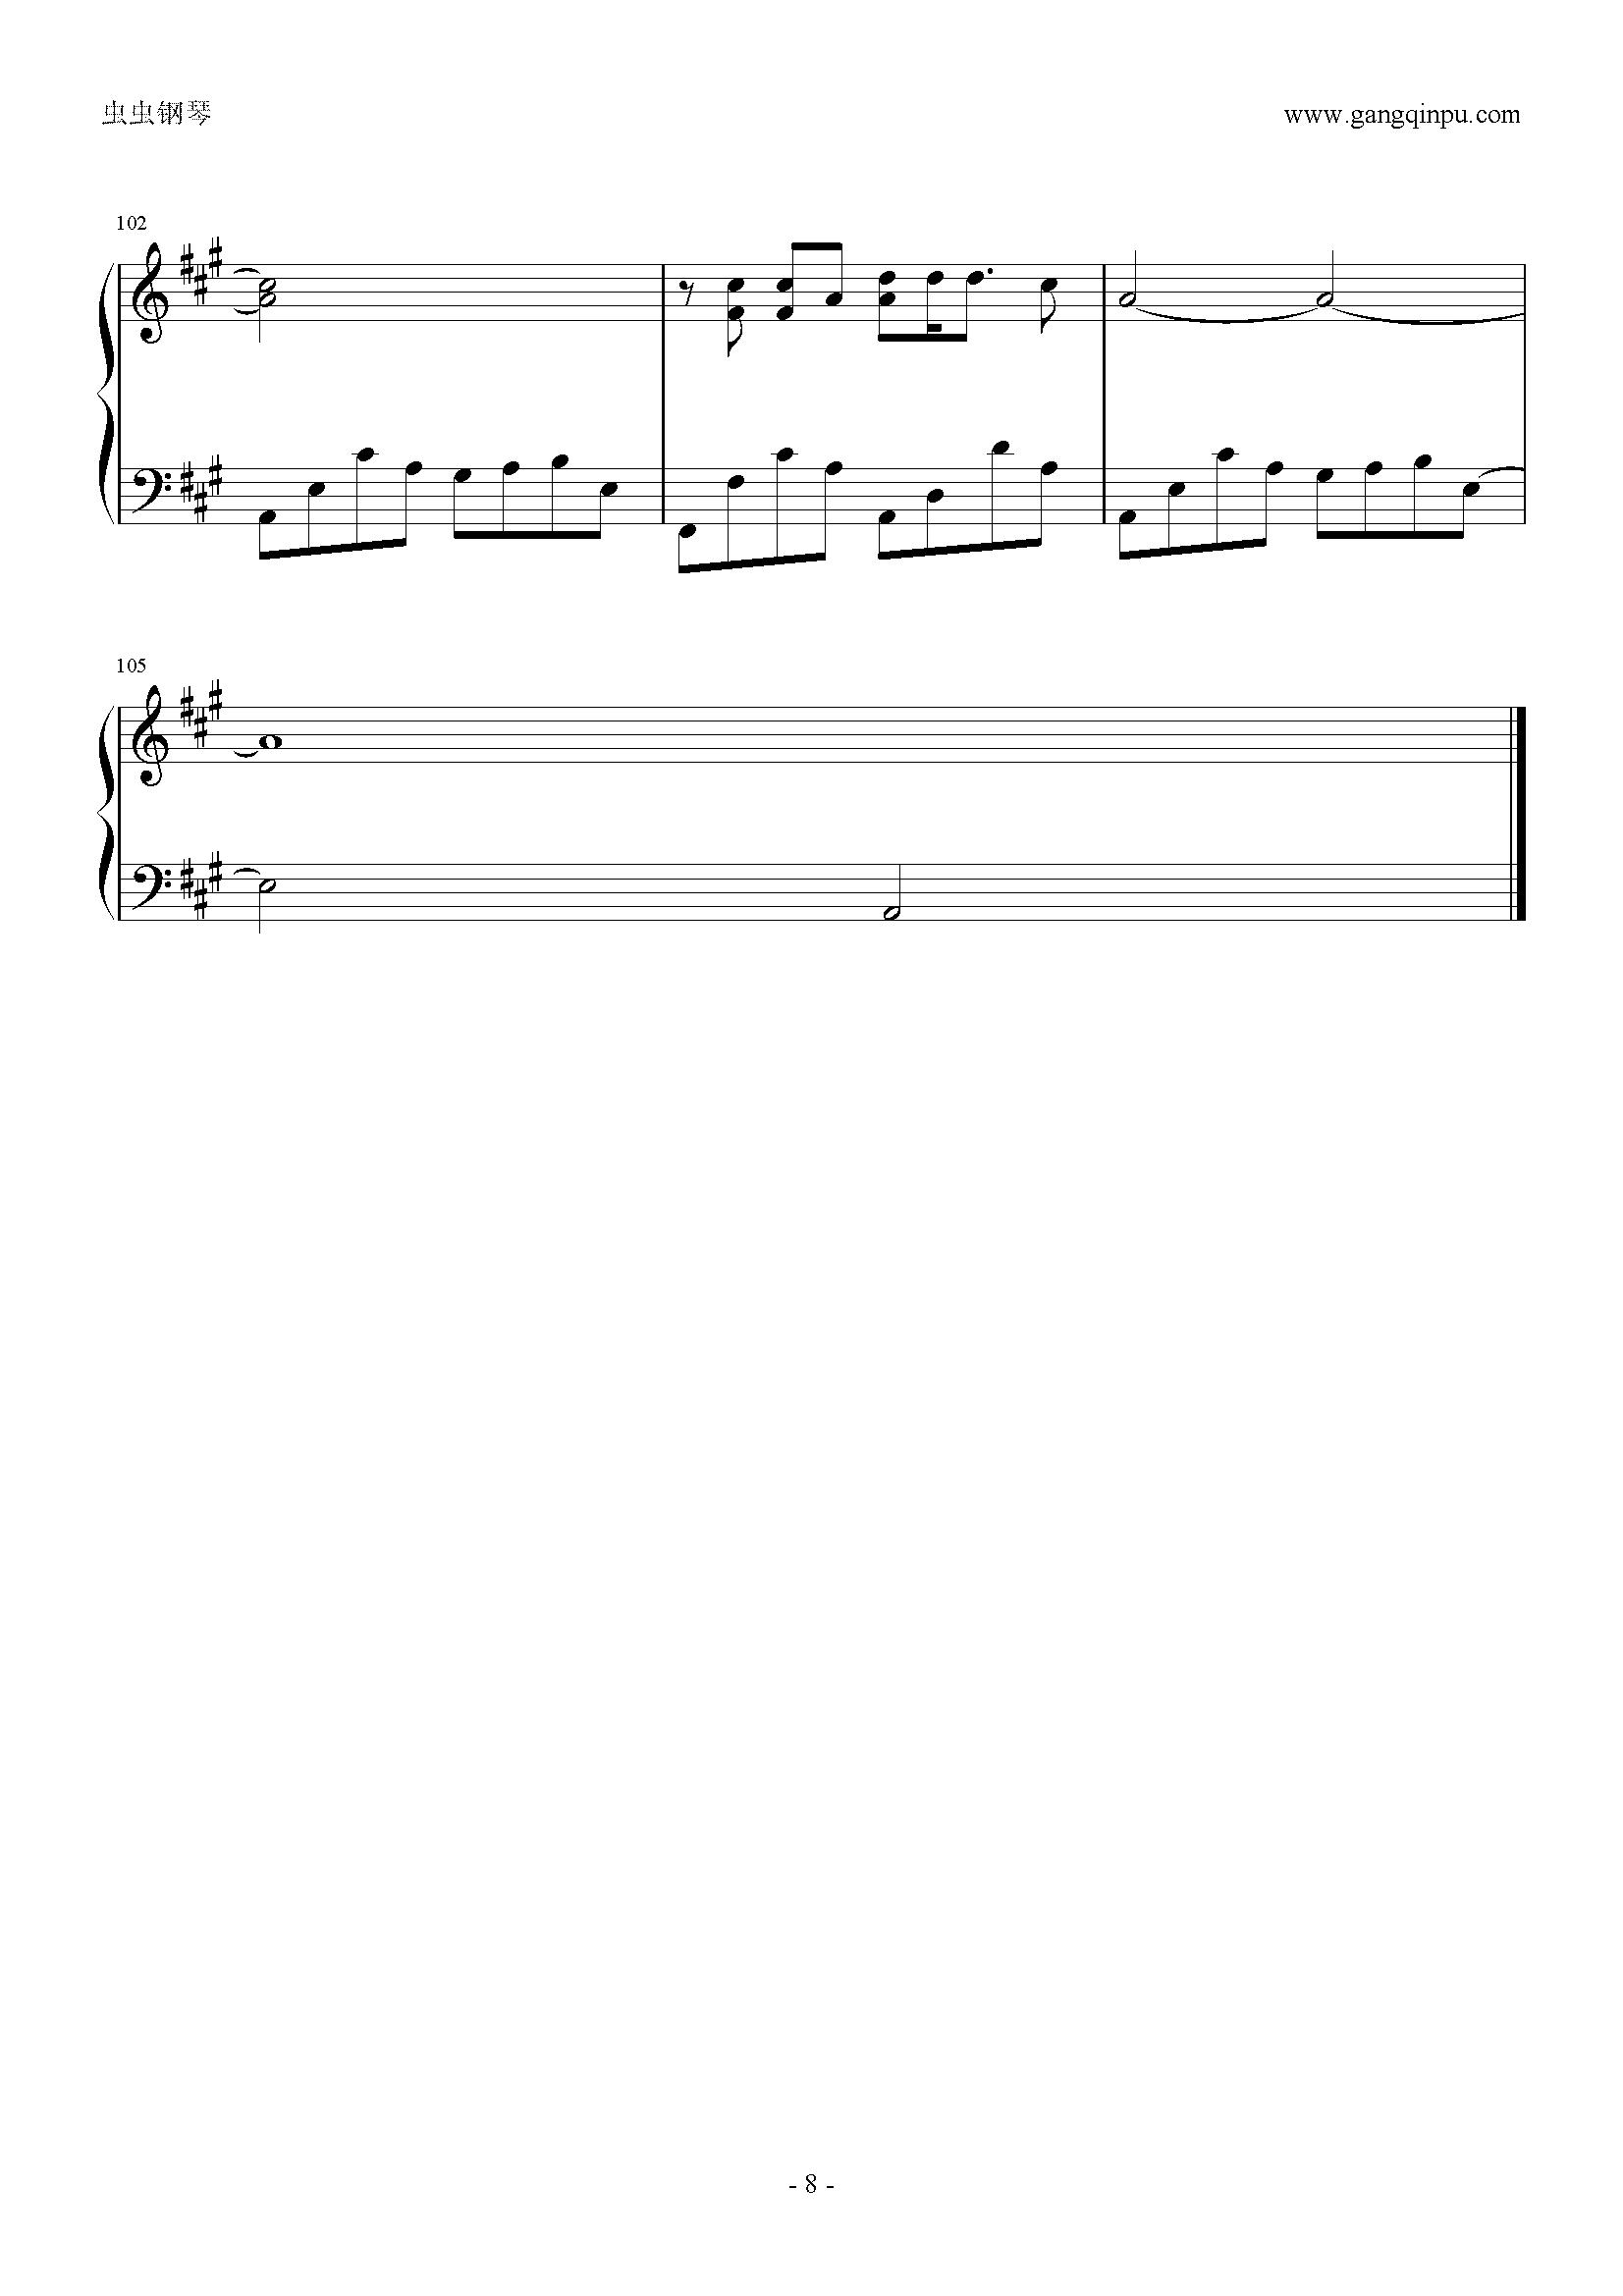 平凡之路钢琴谱 第8页图片